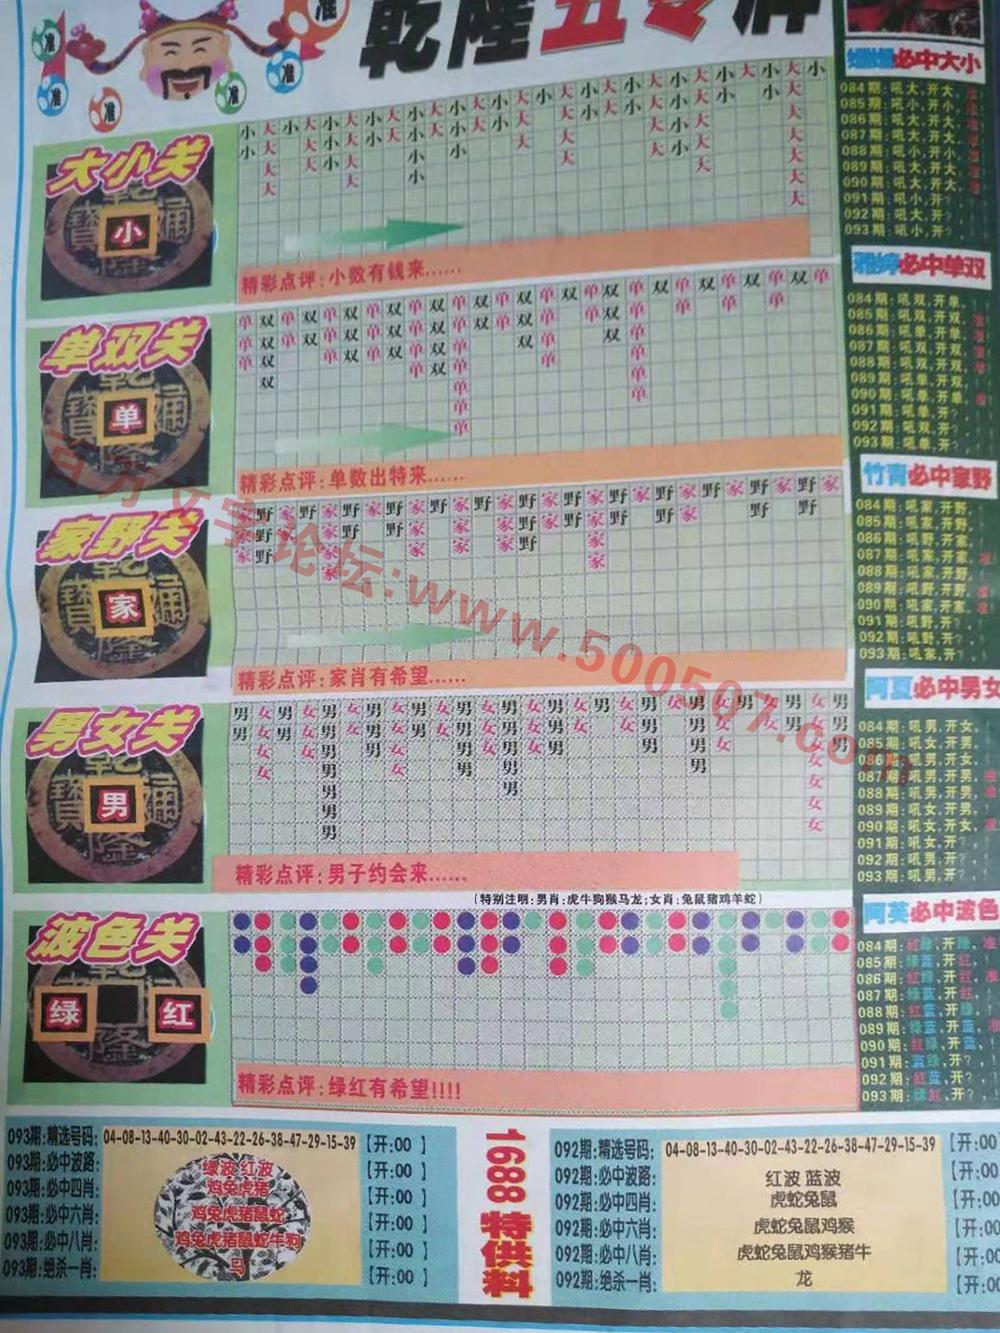 093期:彩民推荐:≮粤彩联盟≯→(博彩必备)